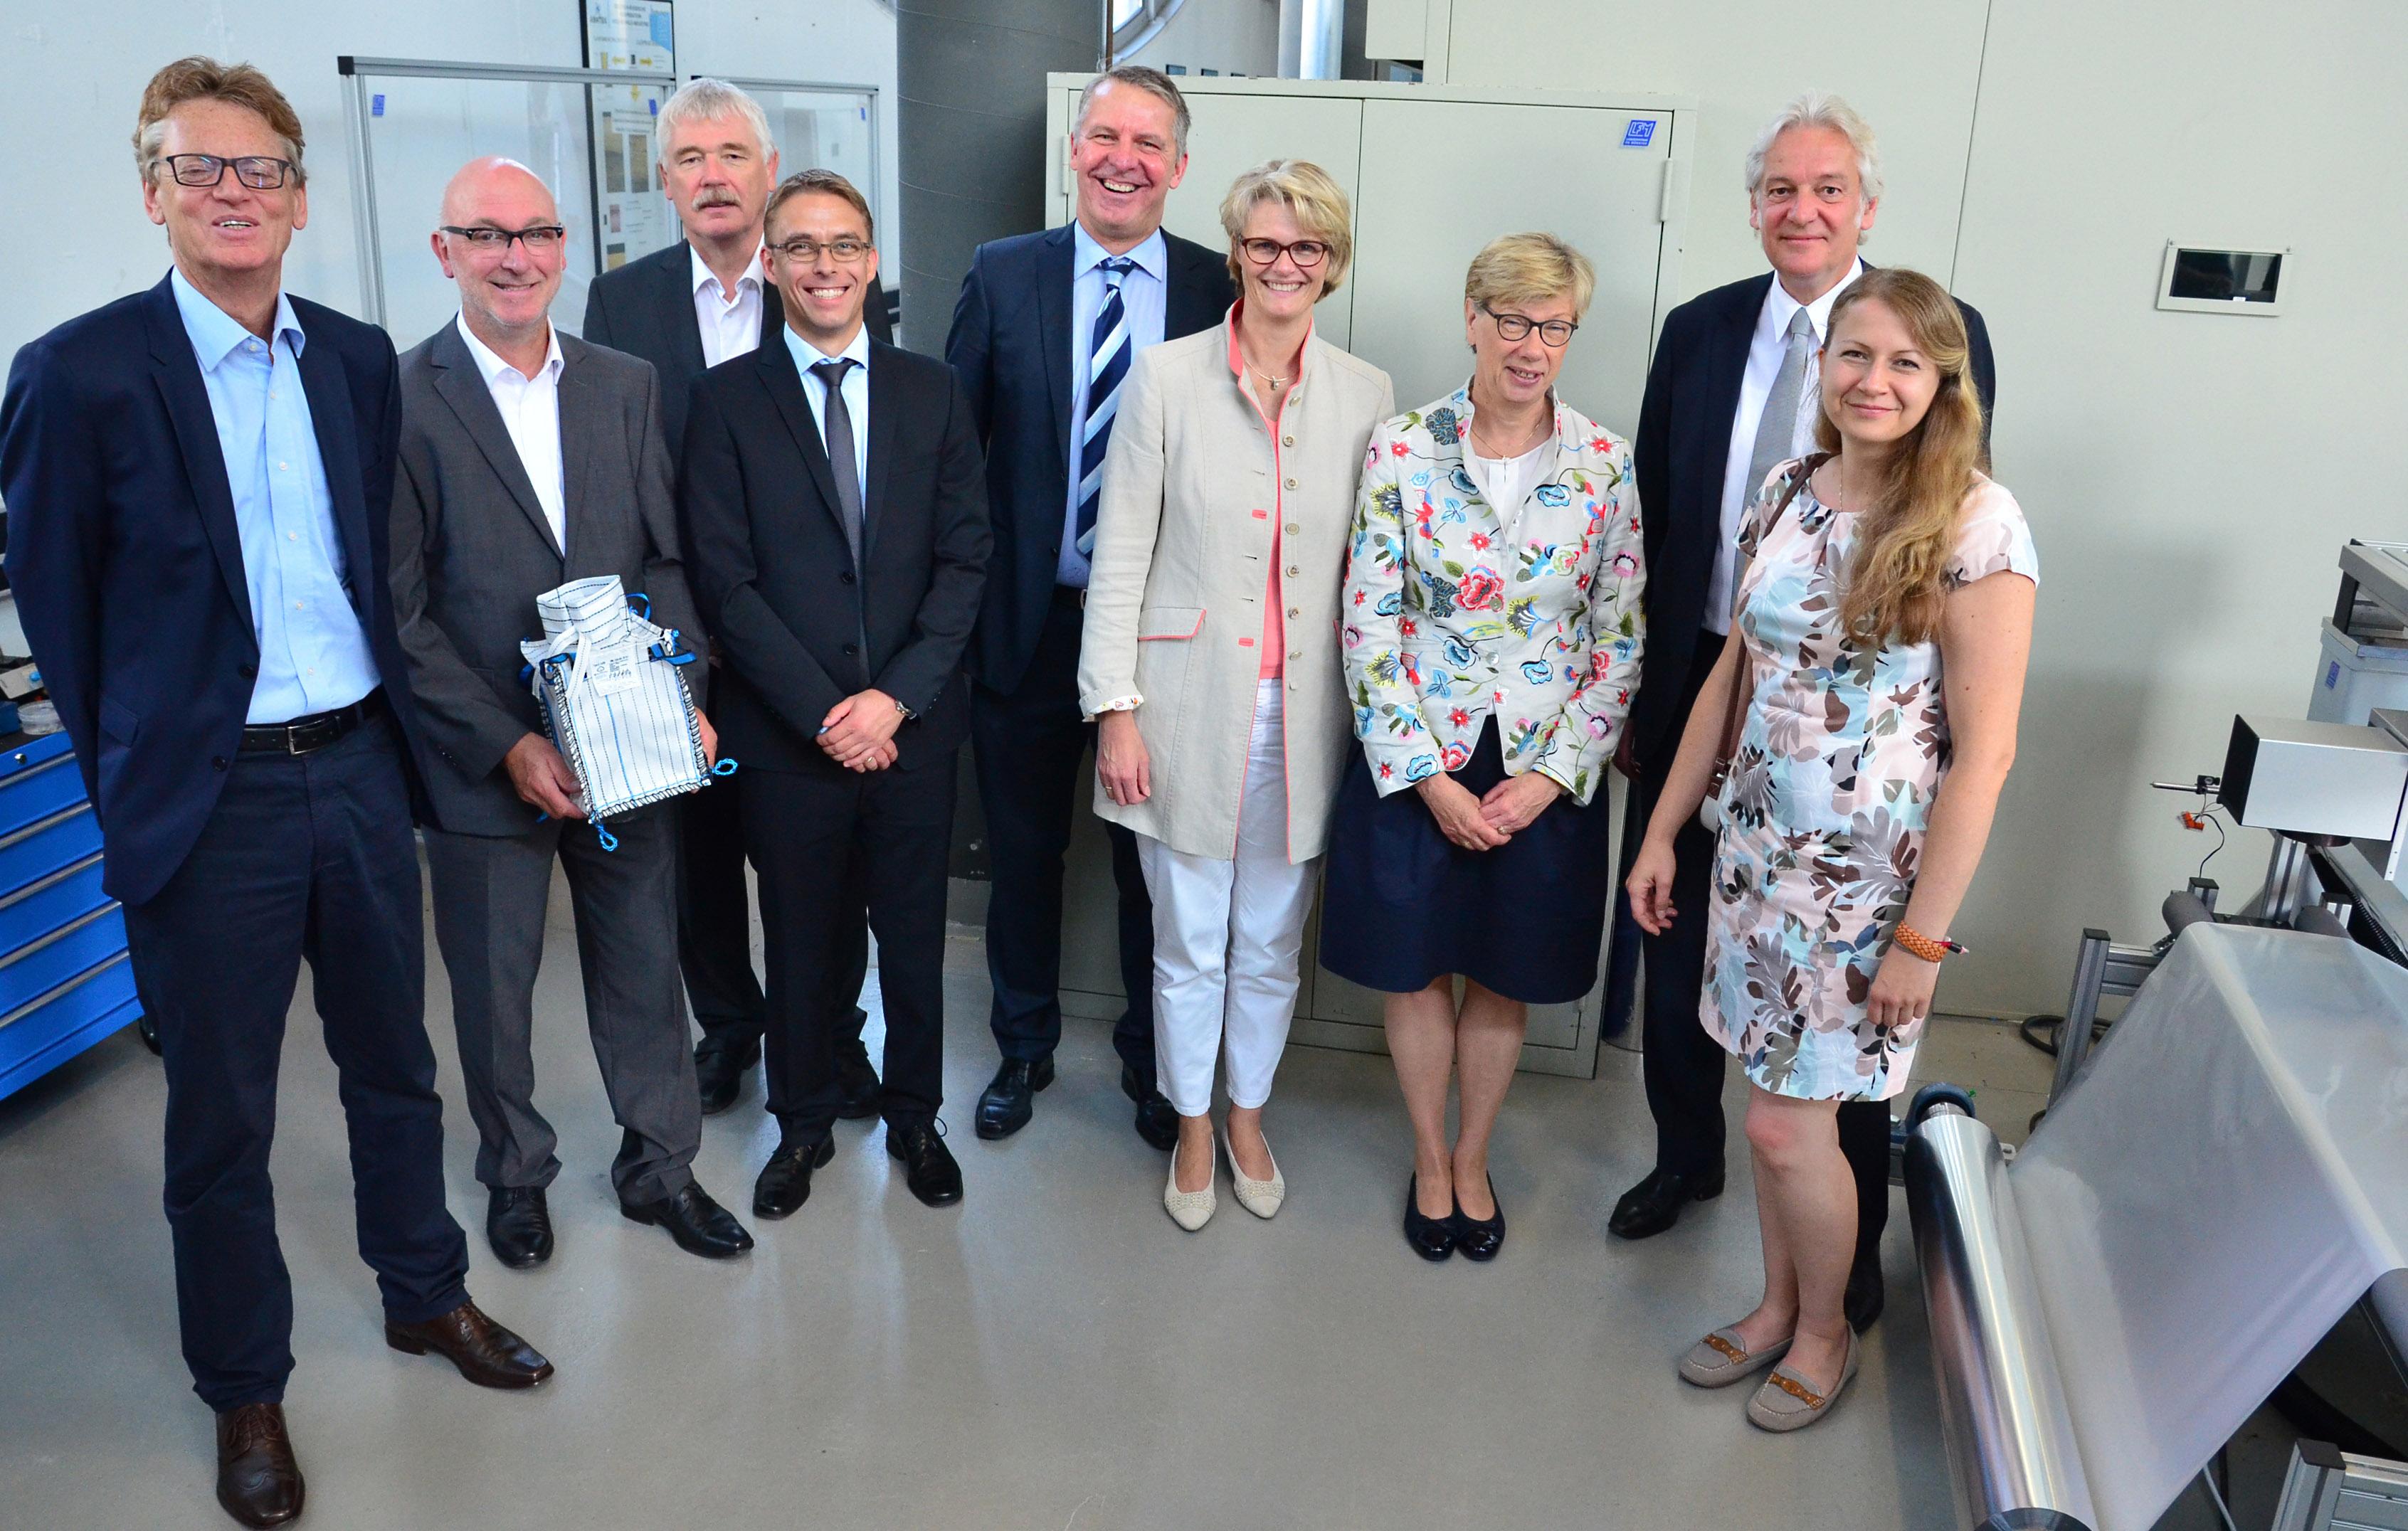 Bundesministerin Anja Karliczek und Präsidentin Prof. Dr. Ute von Lojewski mit weiteren Personen im Laserlabor